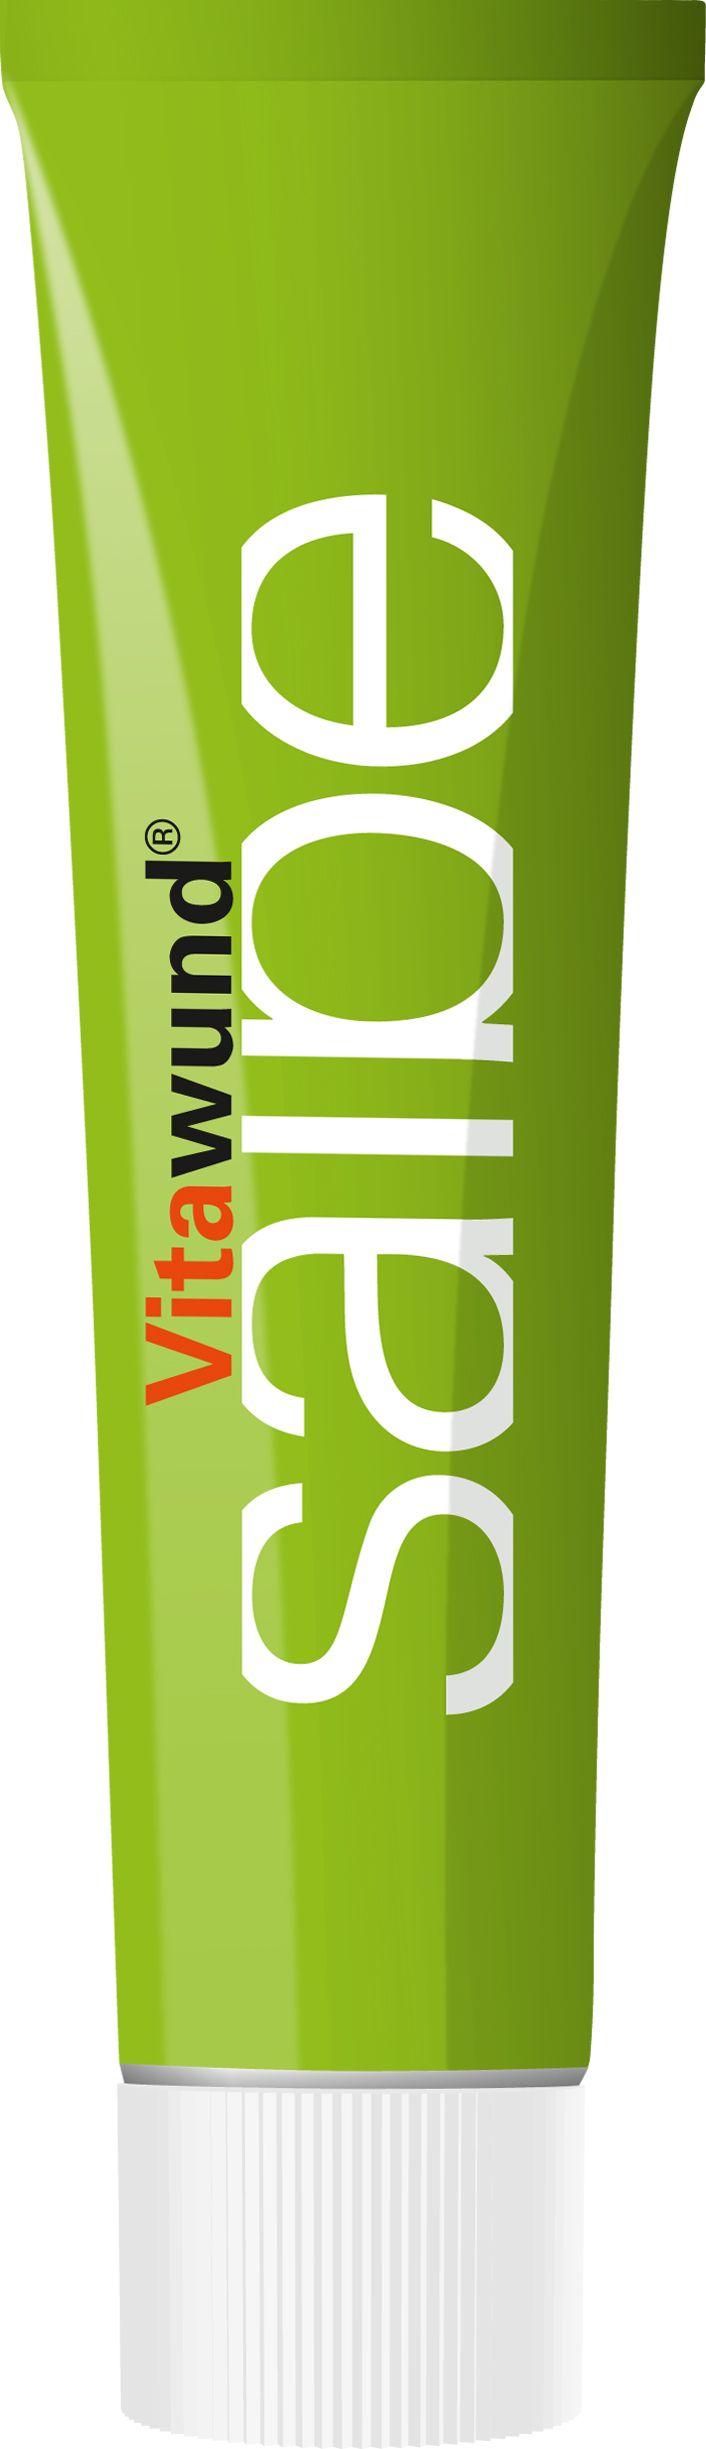 Verpackung von Vitawund 5,25 mg/g - Salbe